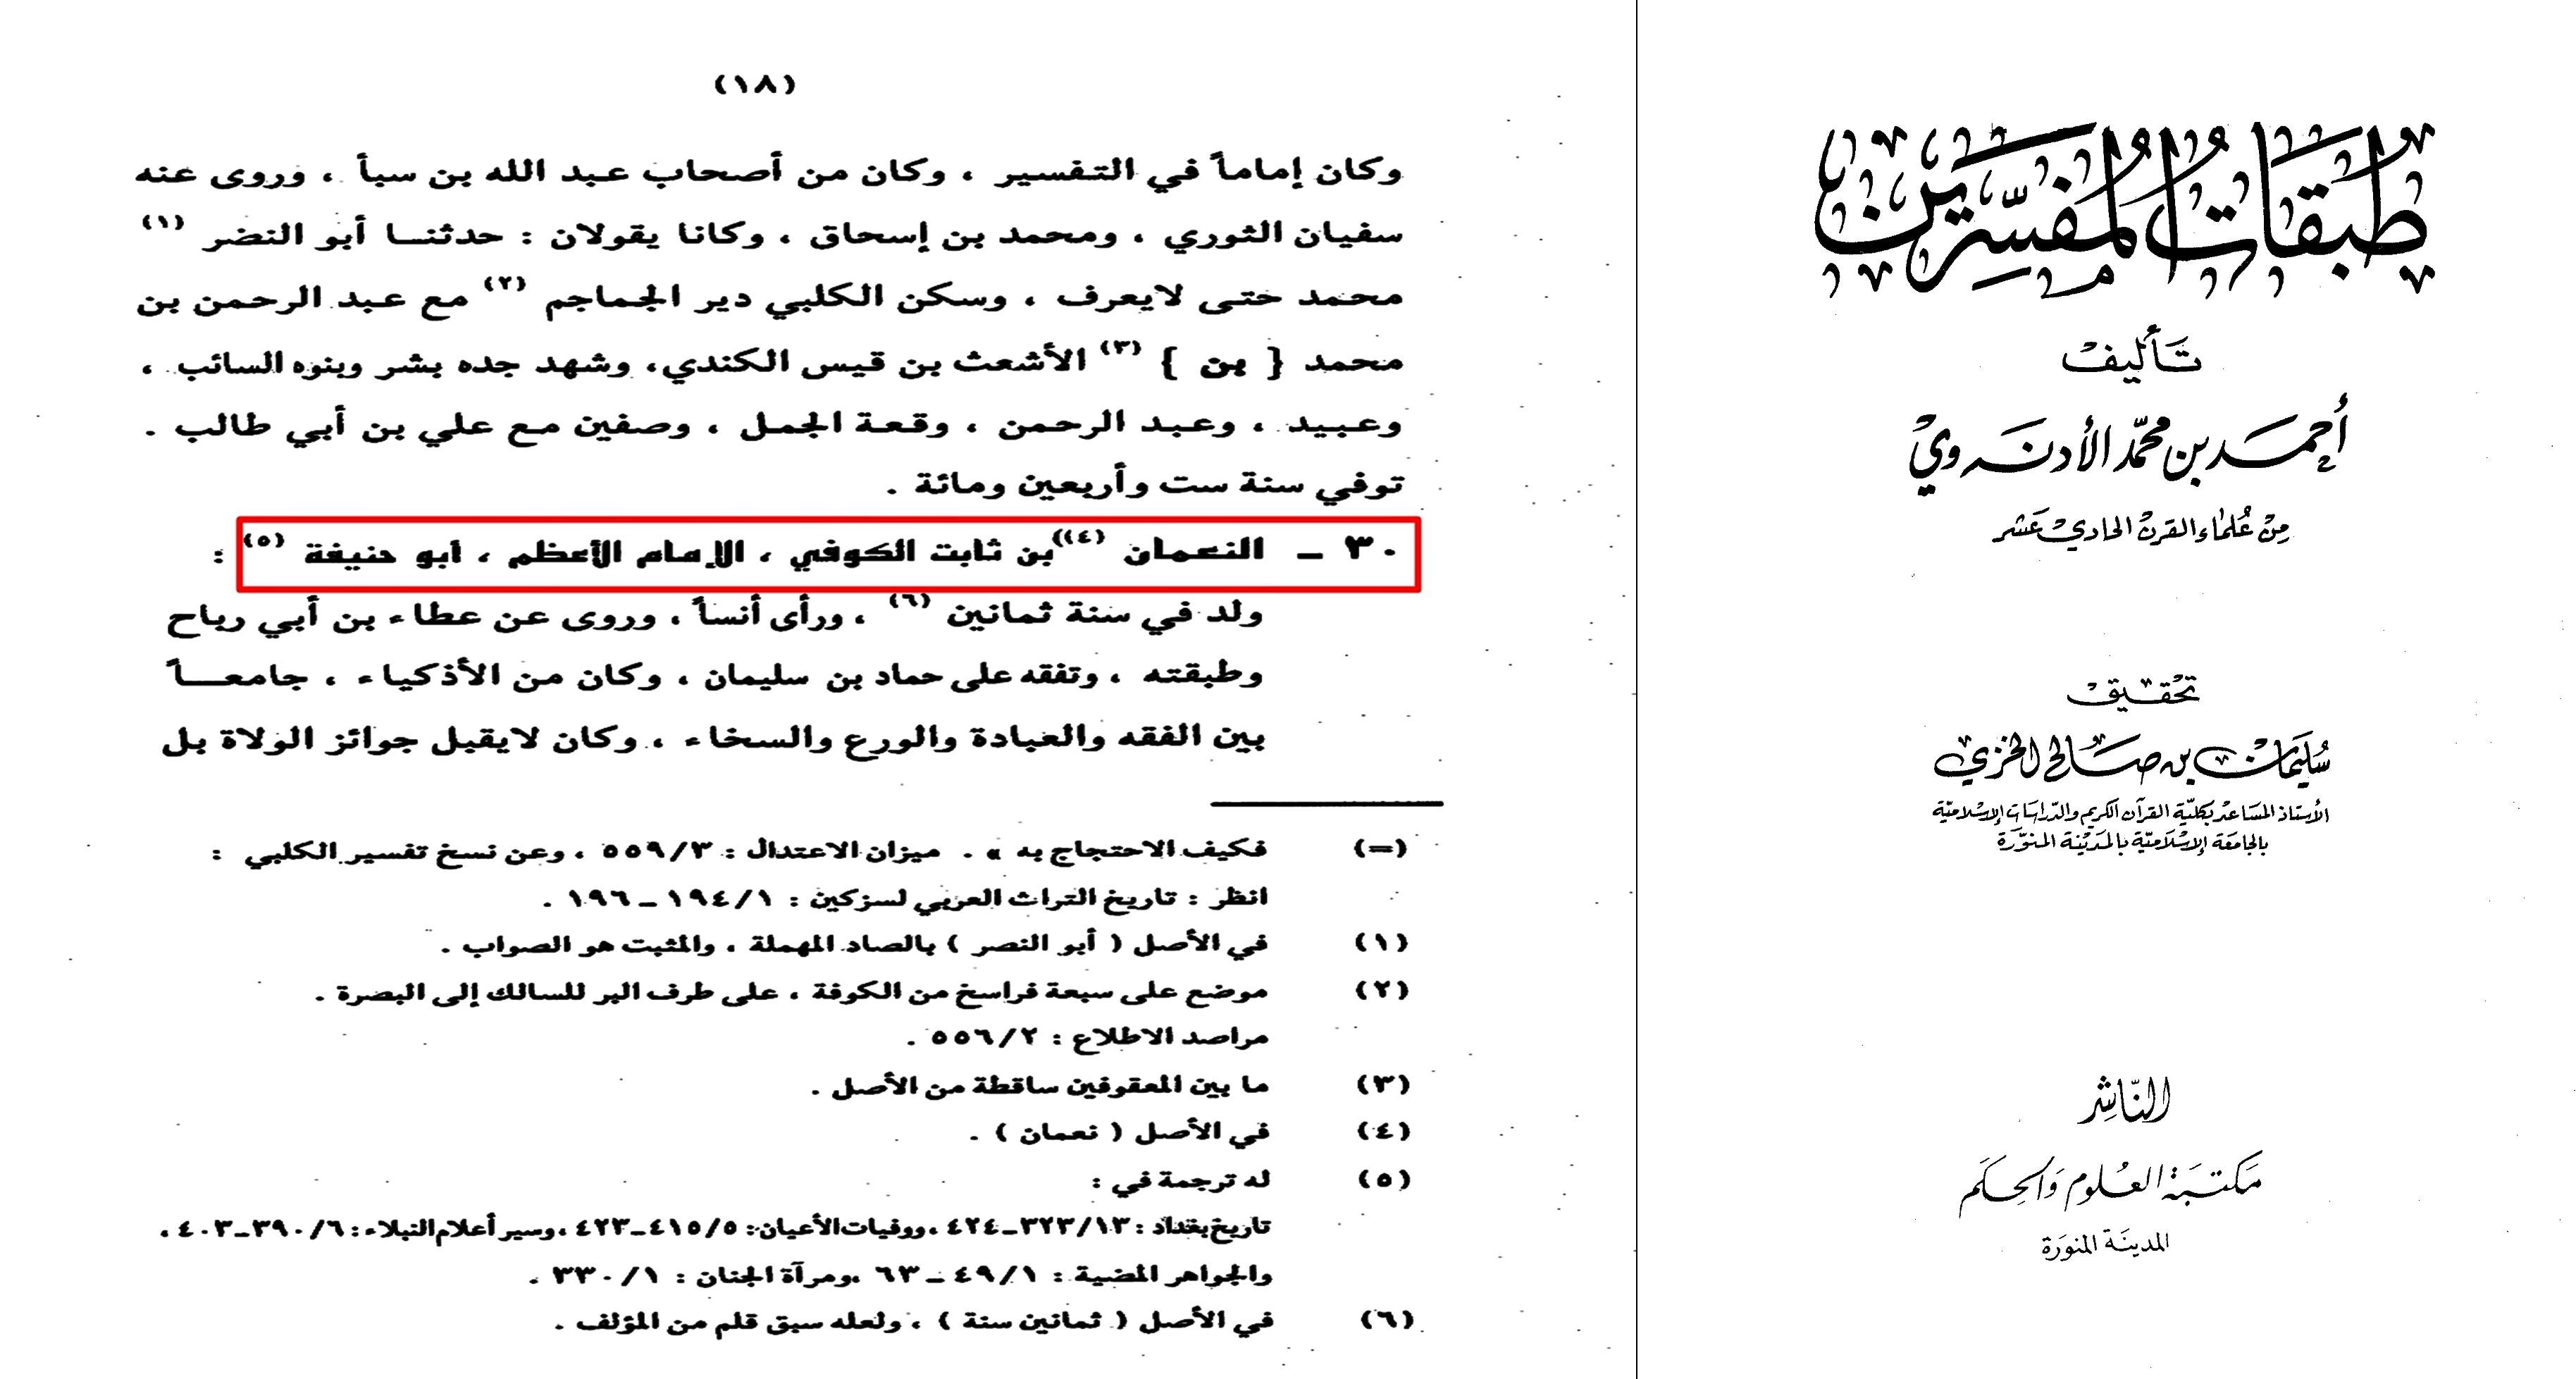 tabqaat mufassieren 1 18c